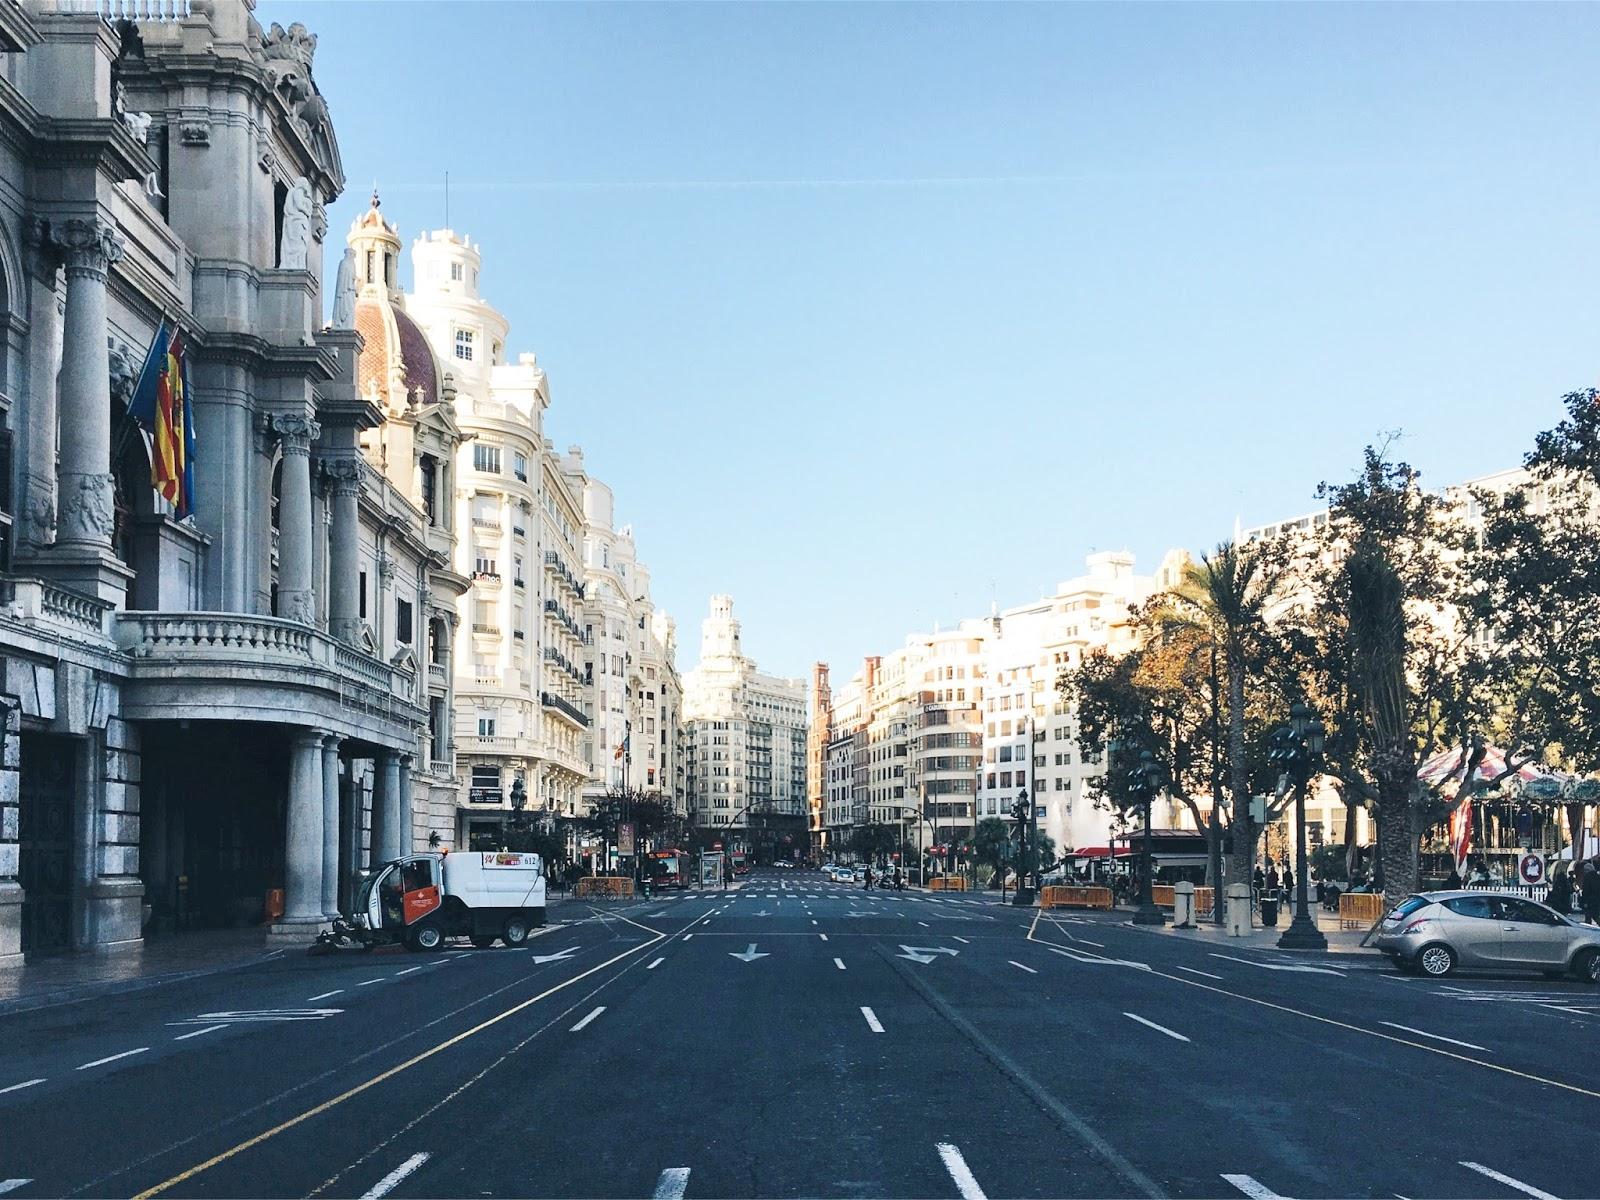 randki madryt hiszpania znalezienie połączenia na hubce